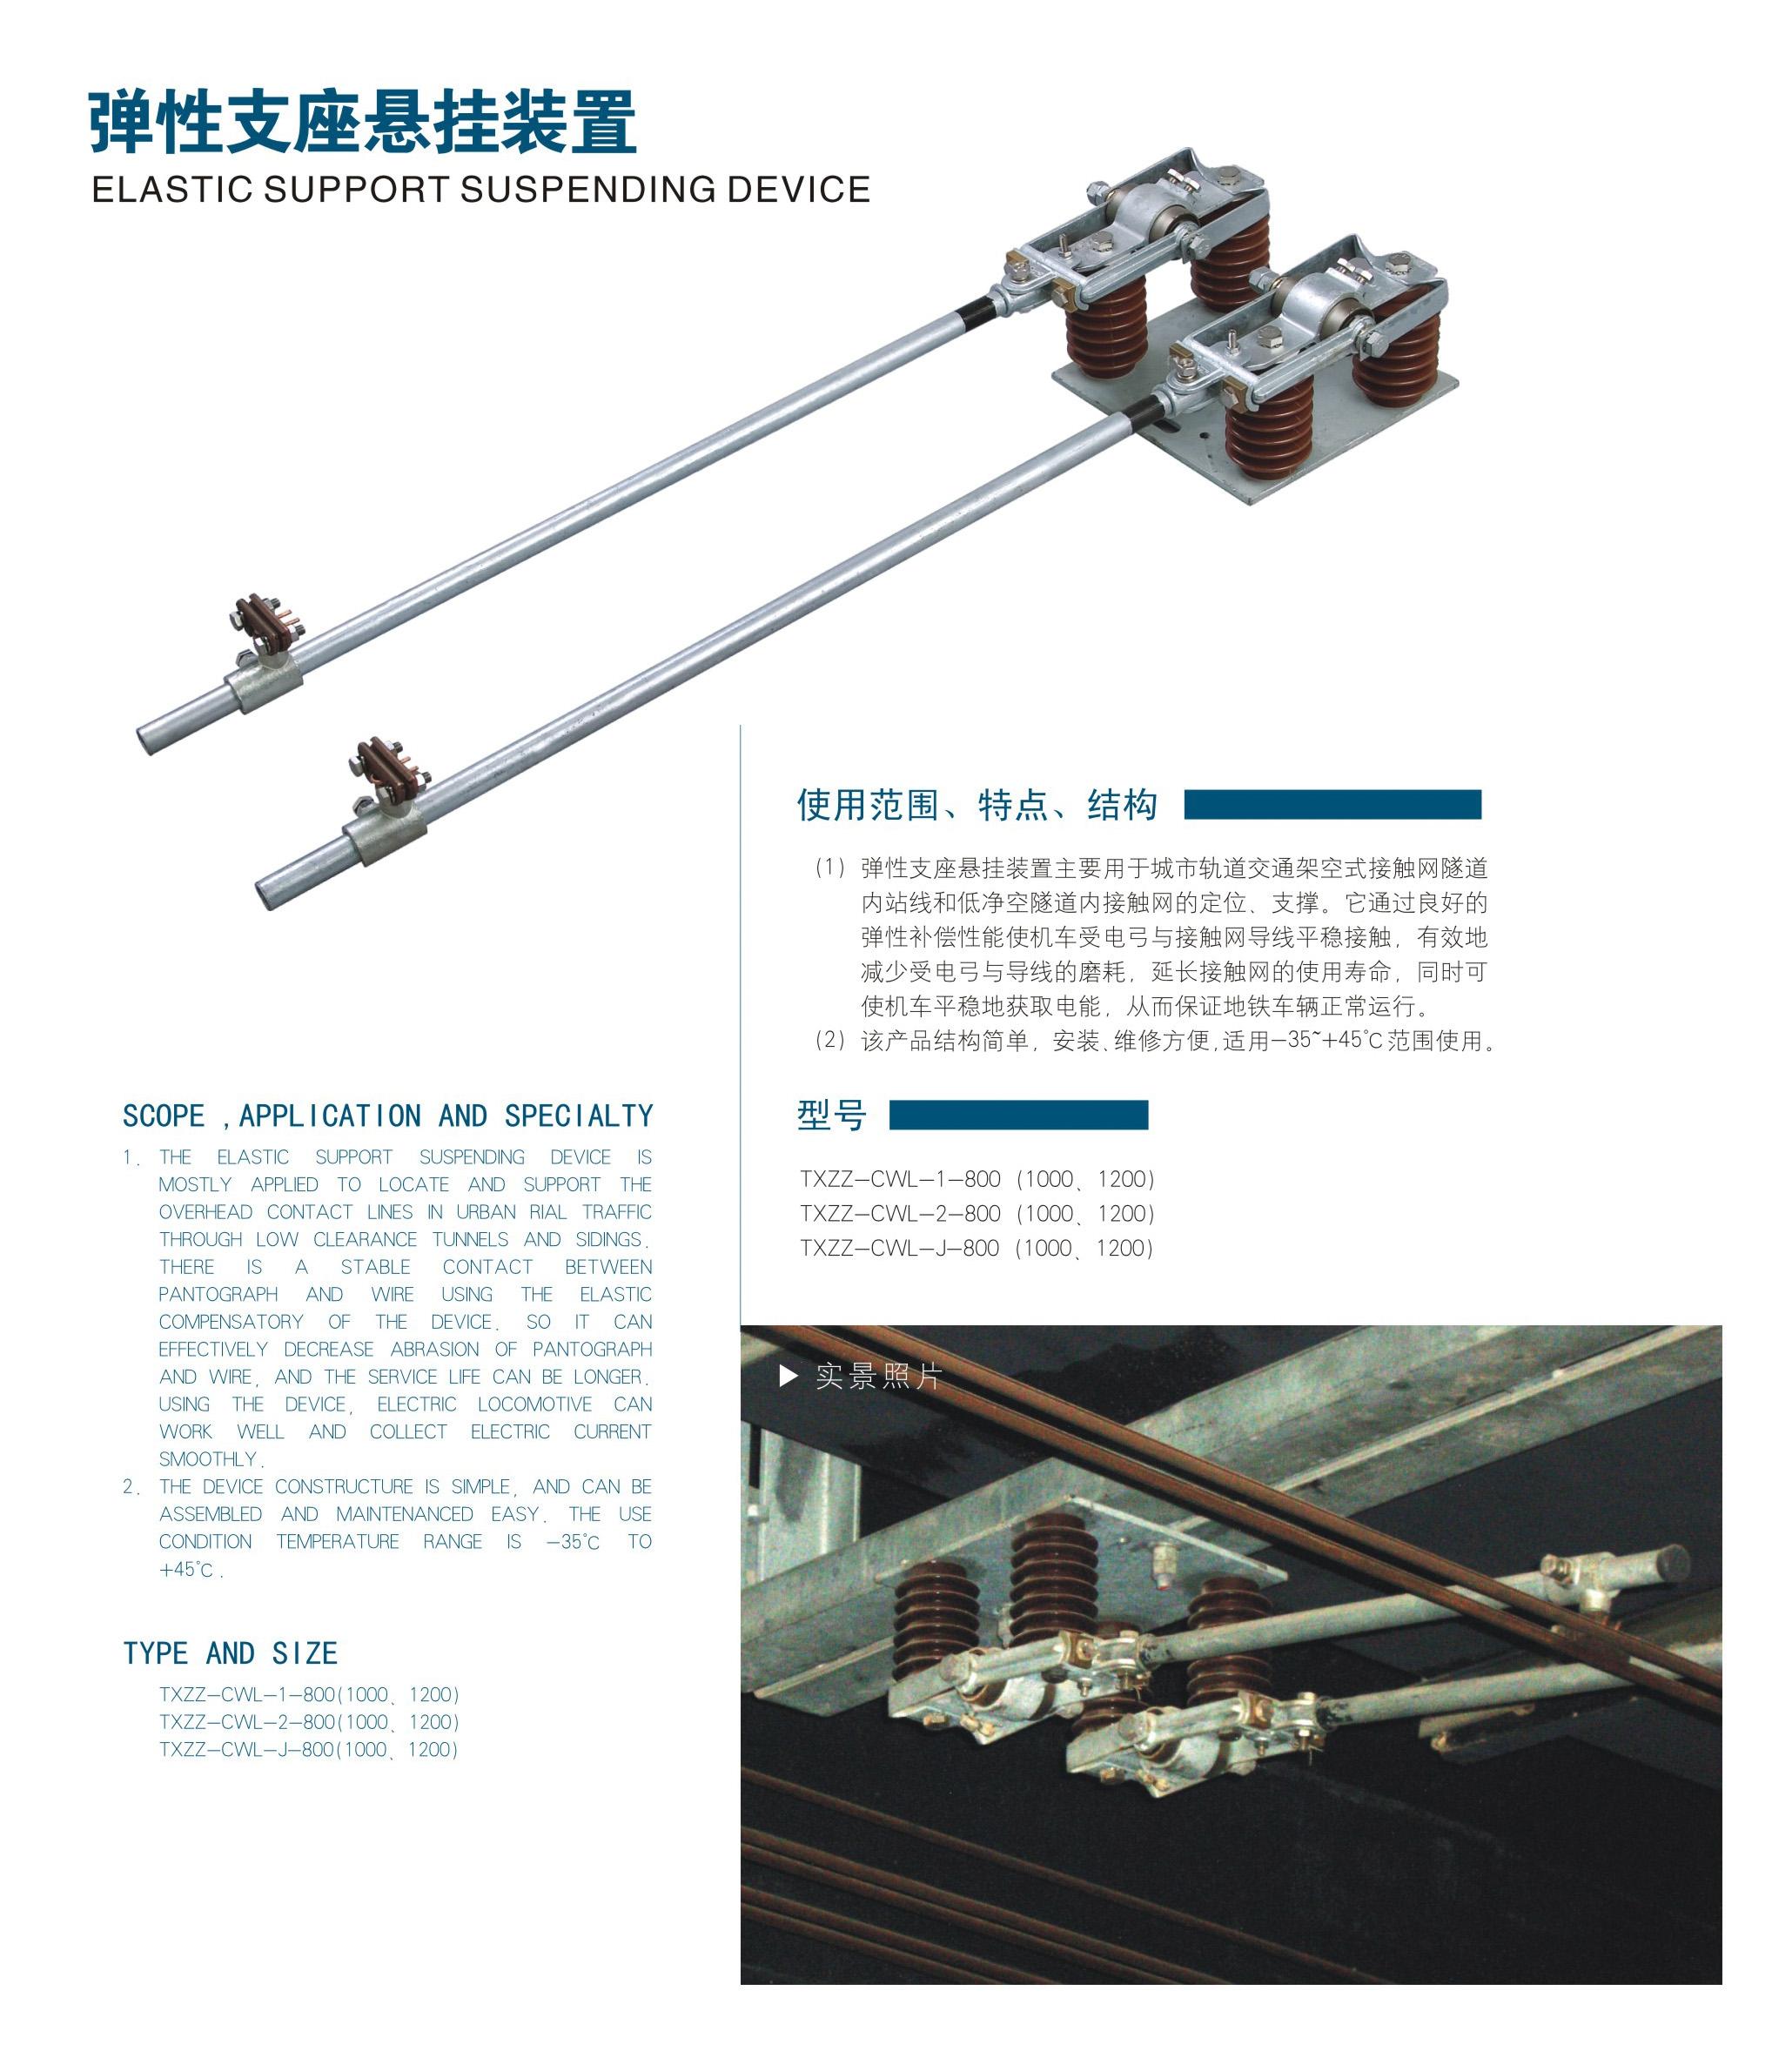 弹性支座悬挂装置(图1)